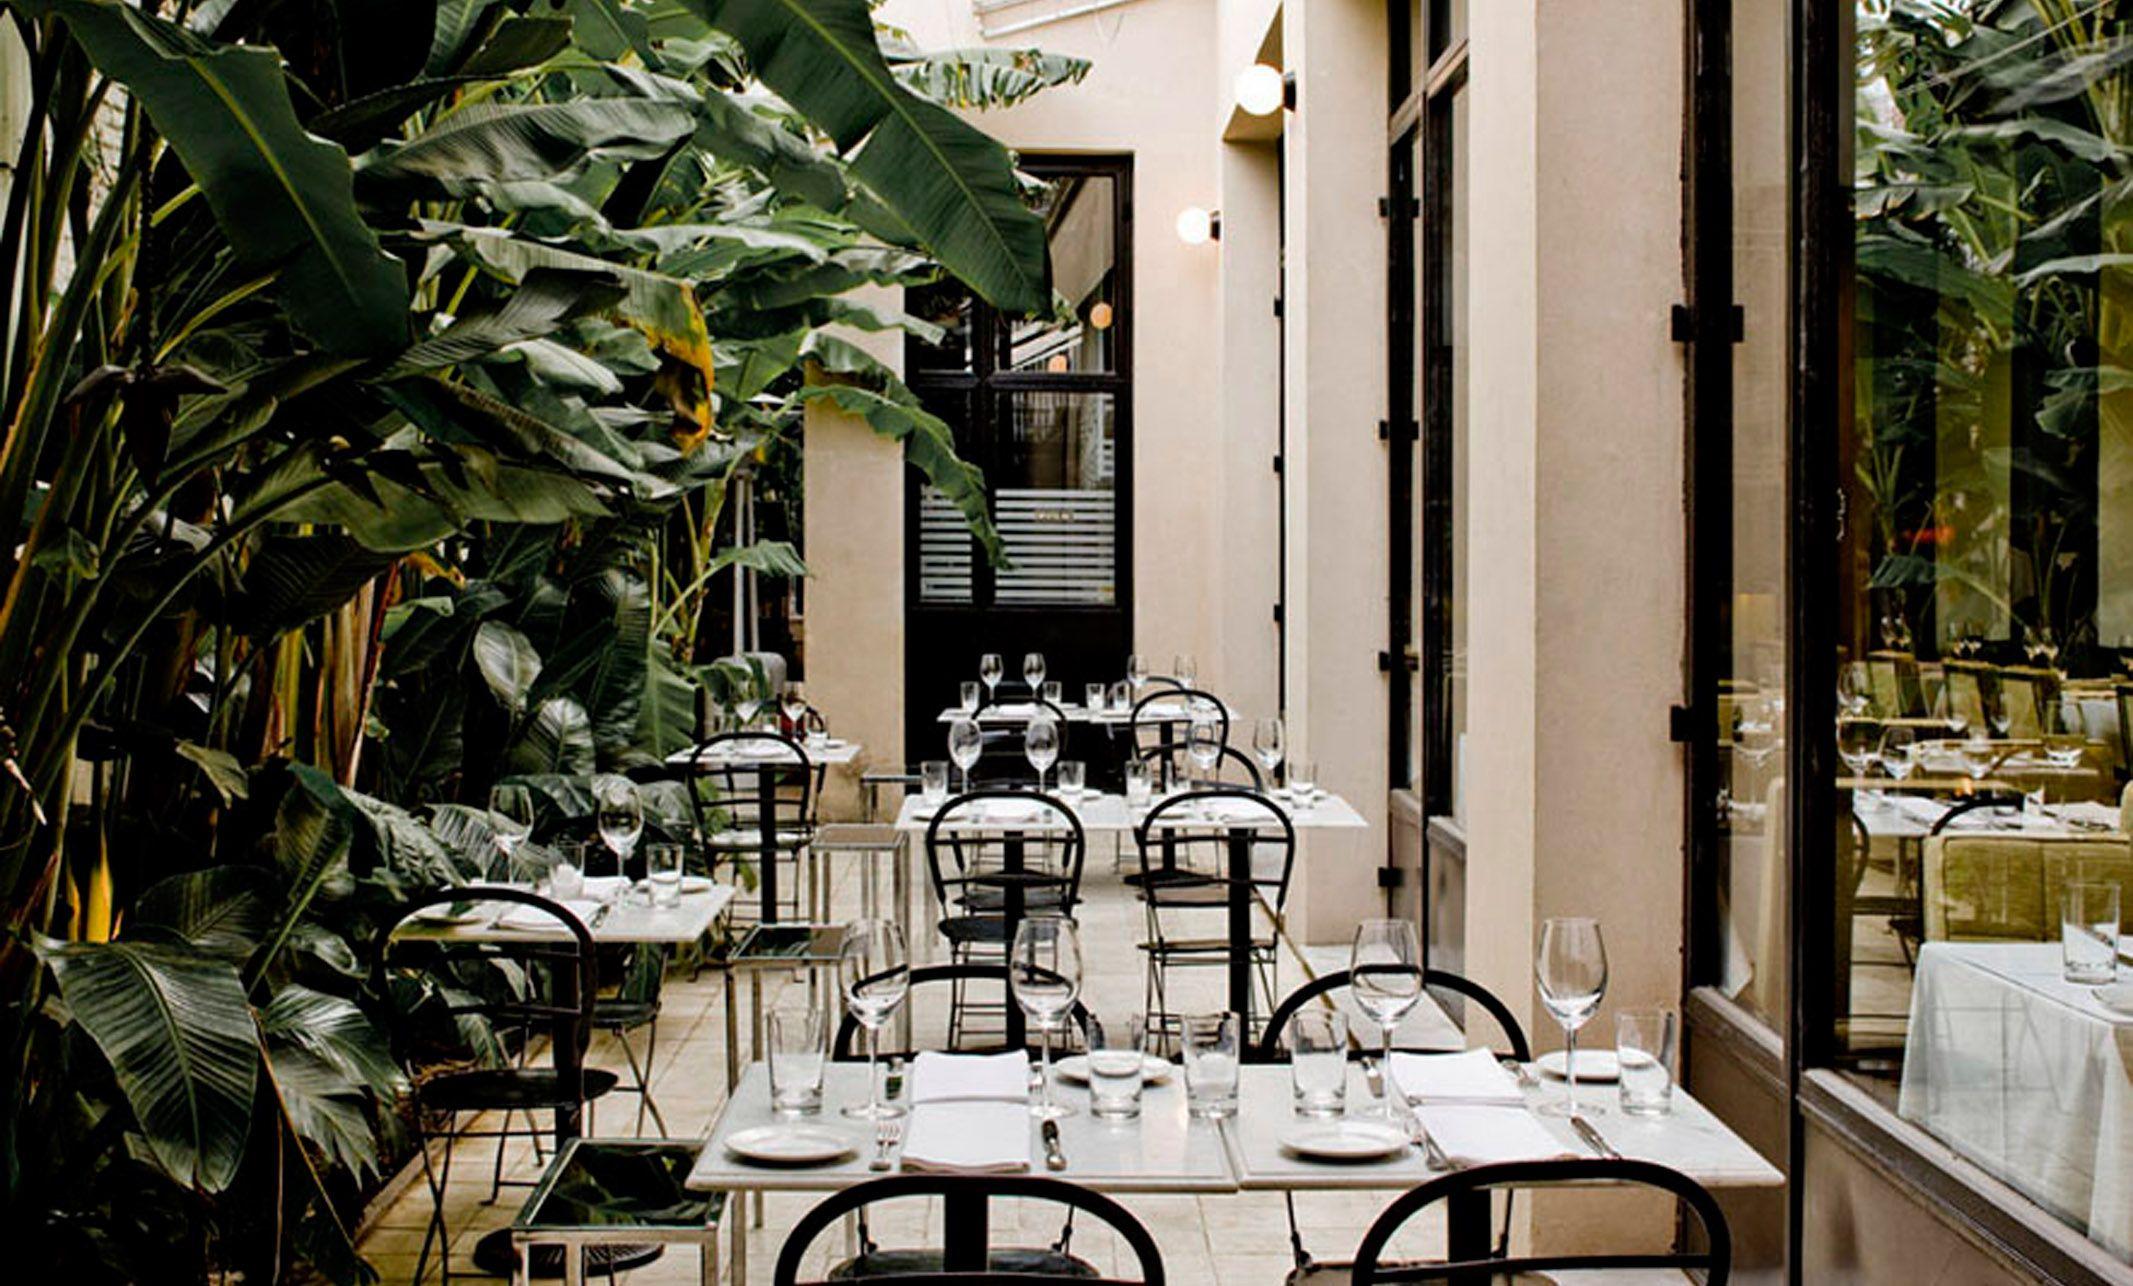 Tegui, el único restaurante argentino entren los mejores del mundo